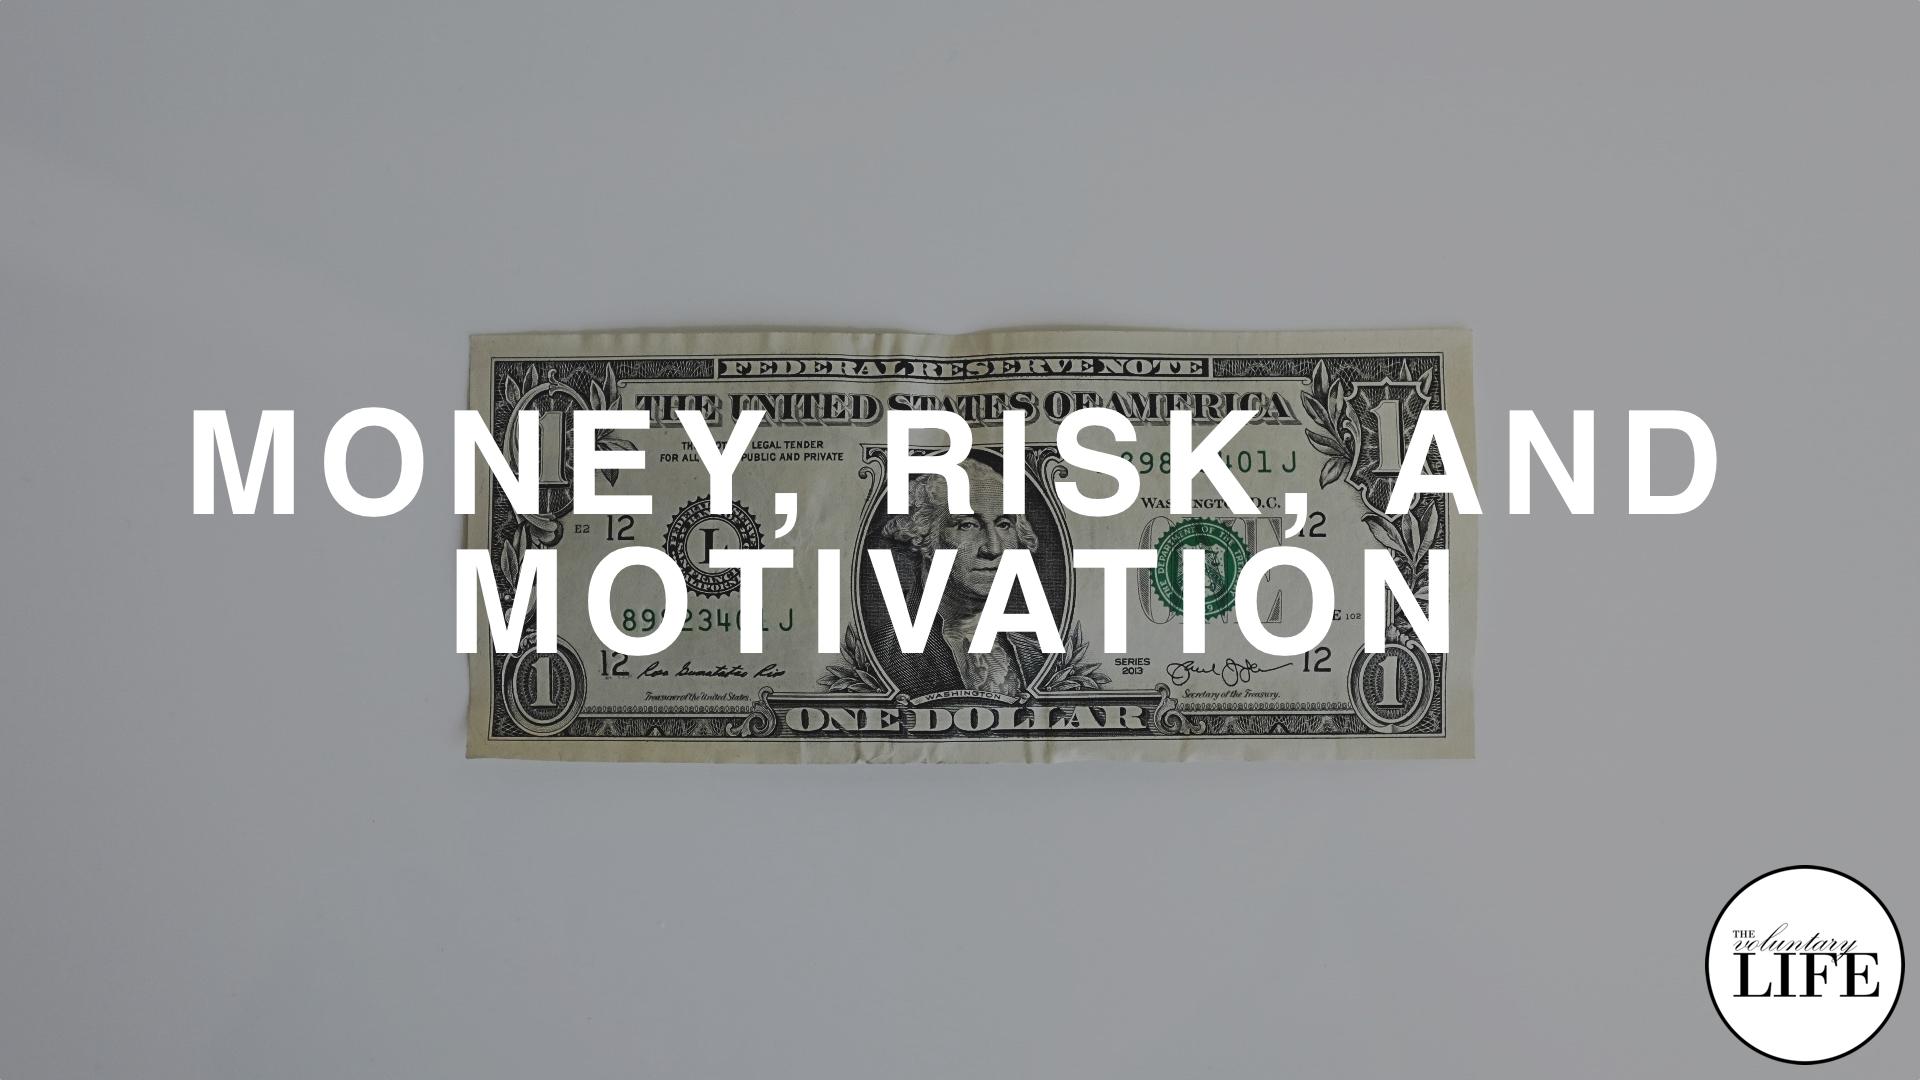 111 Money, Risk and Motivation in Entrepreneurship